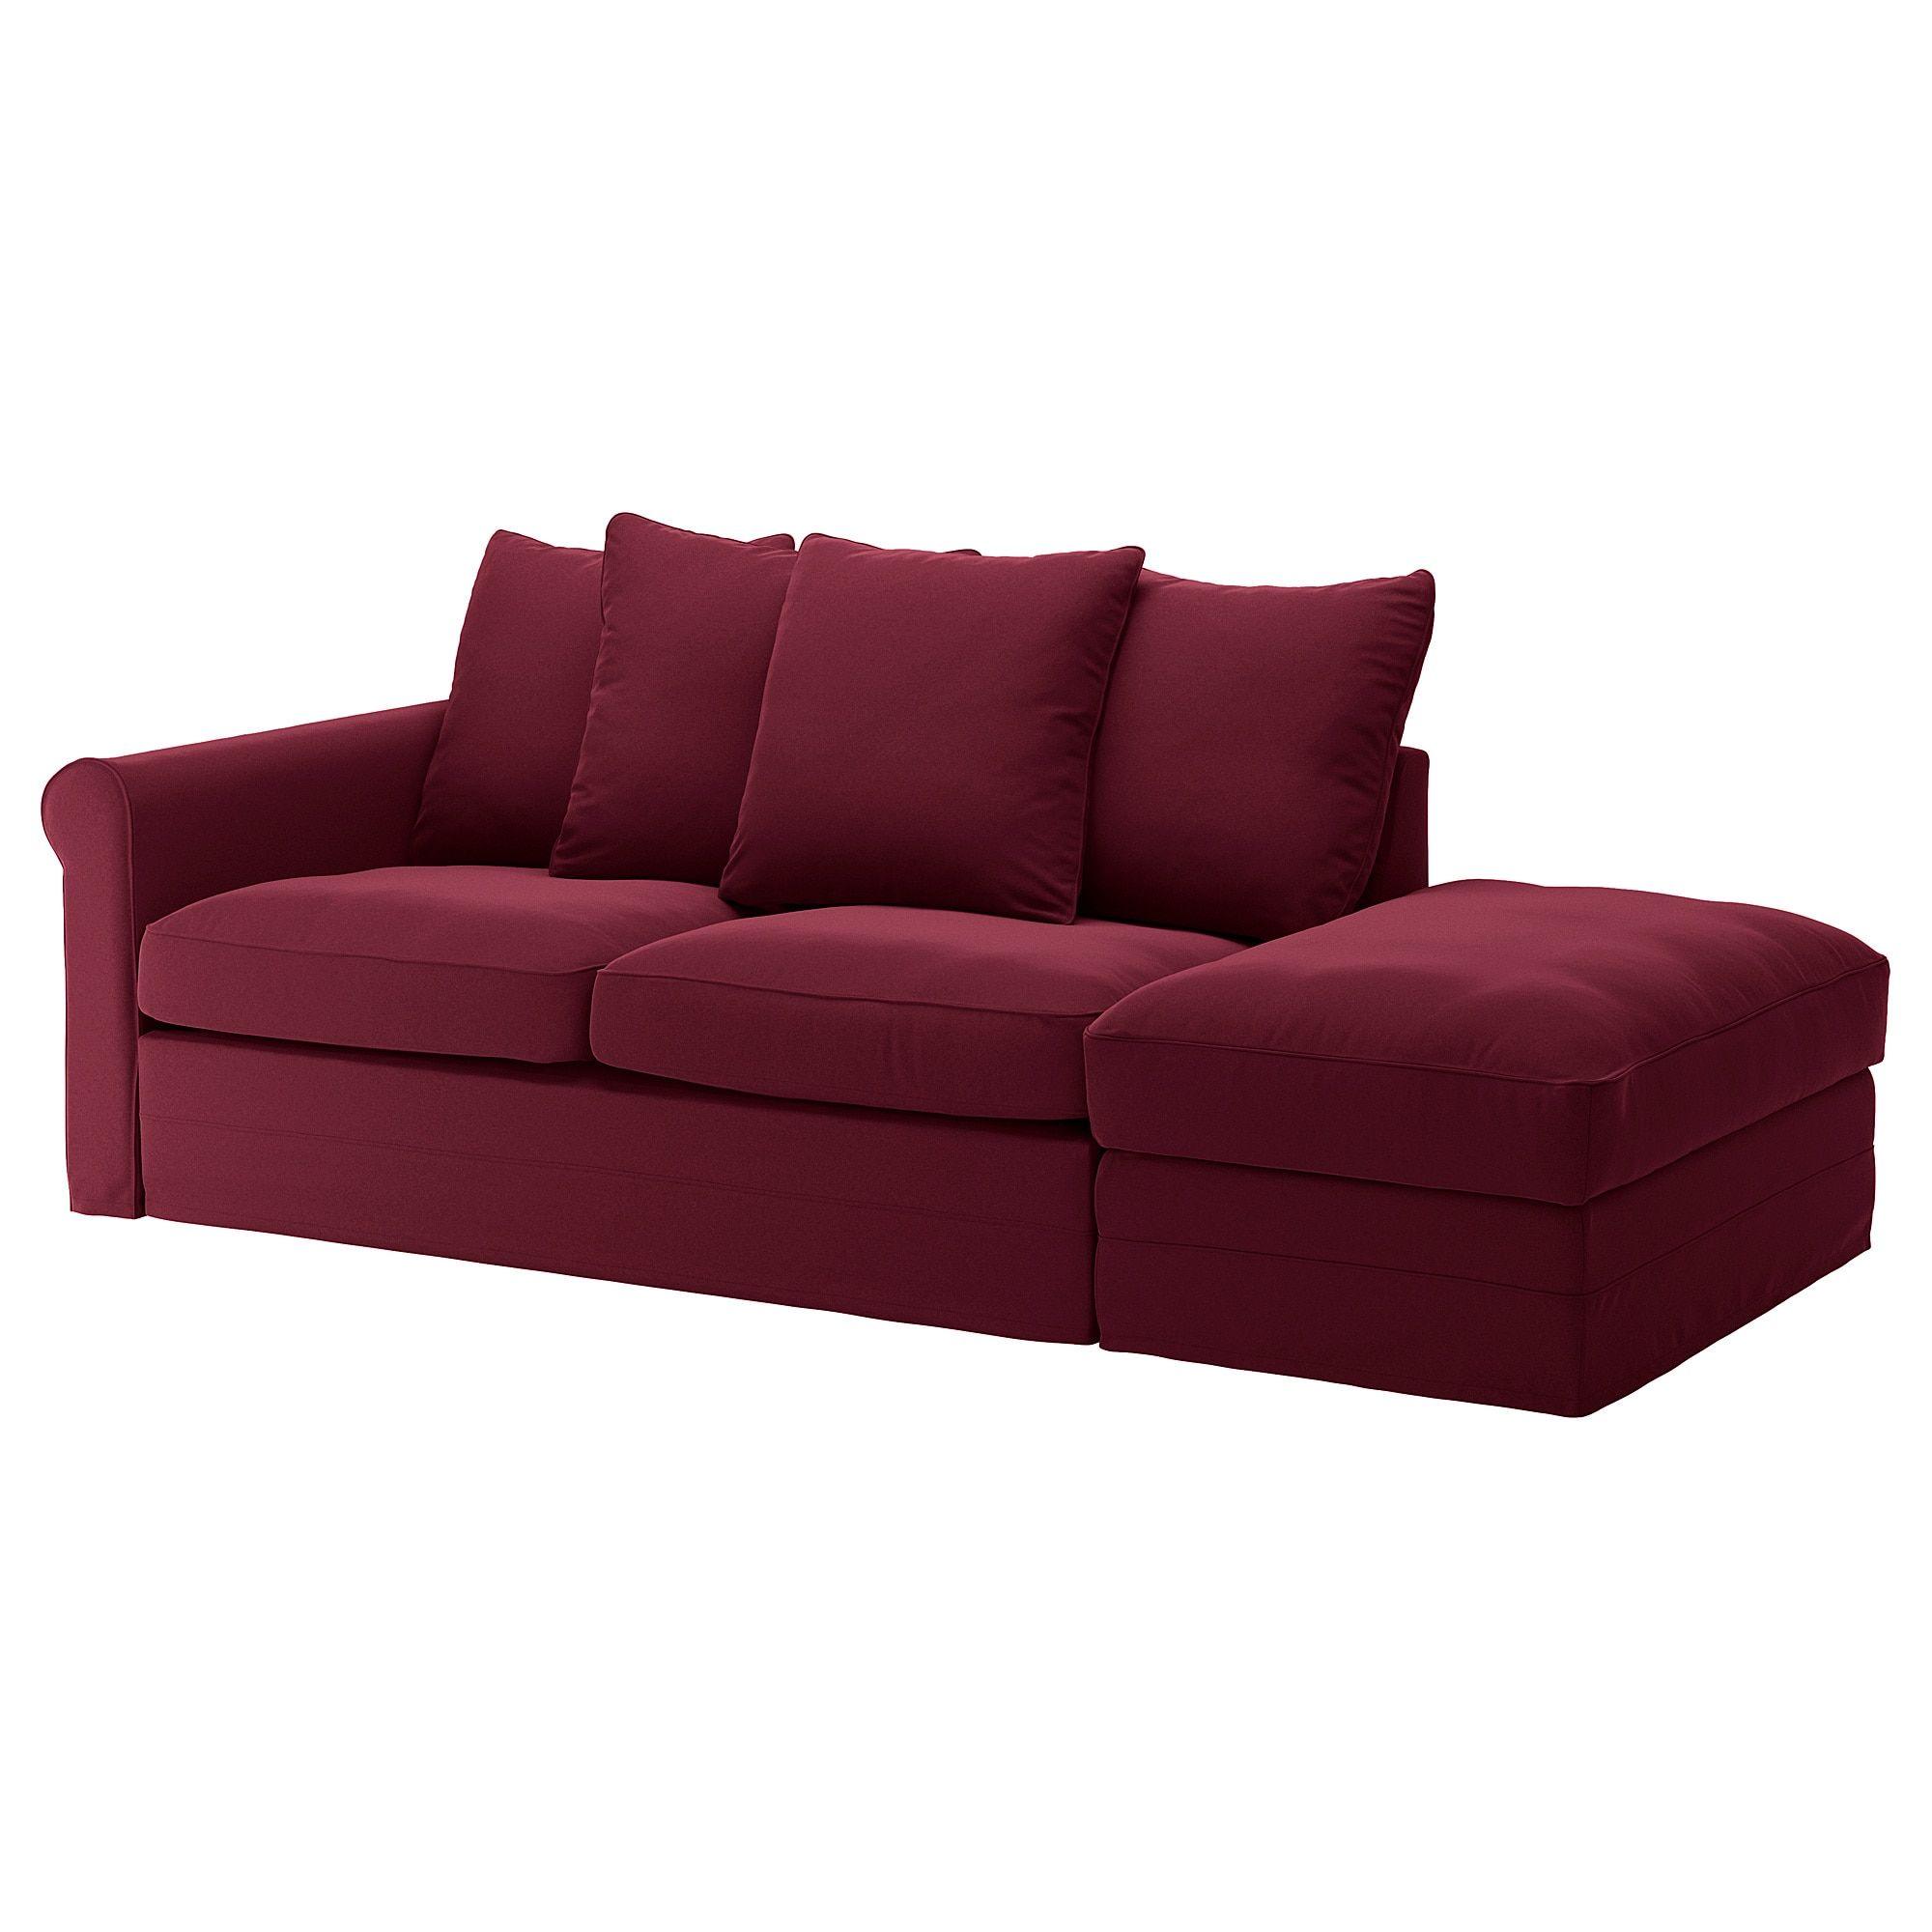 Divano Velluto Blu Ikea ikea - grÖnlid sofabed with open end, ljungen dark red